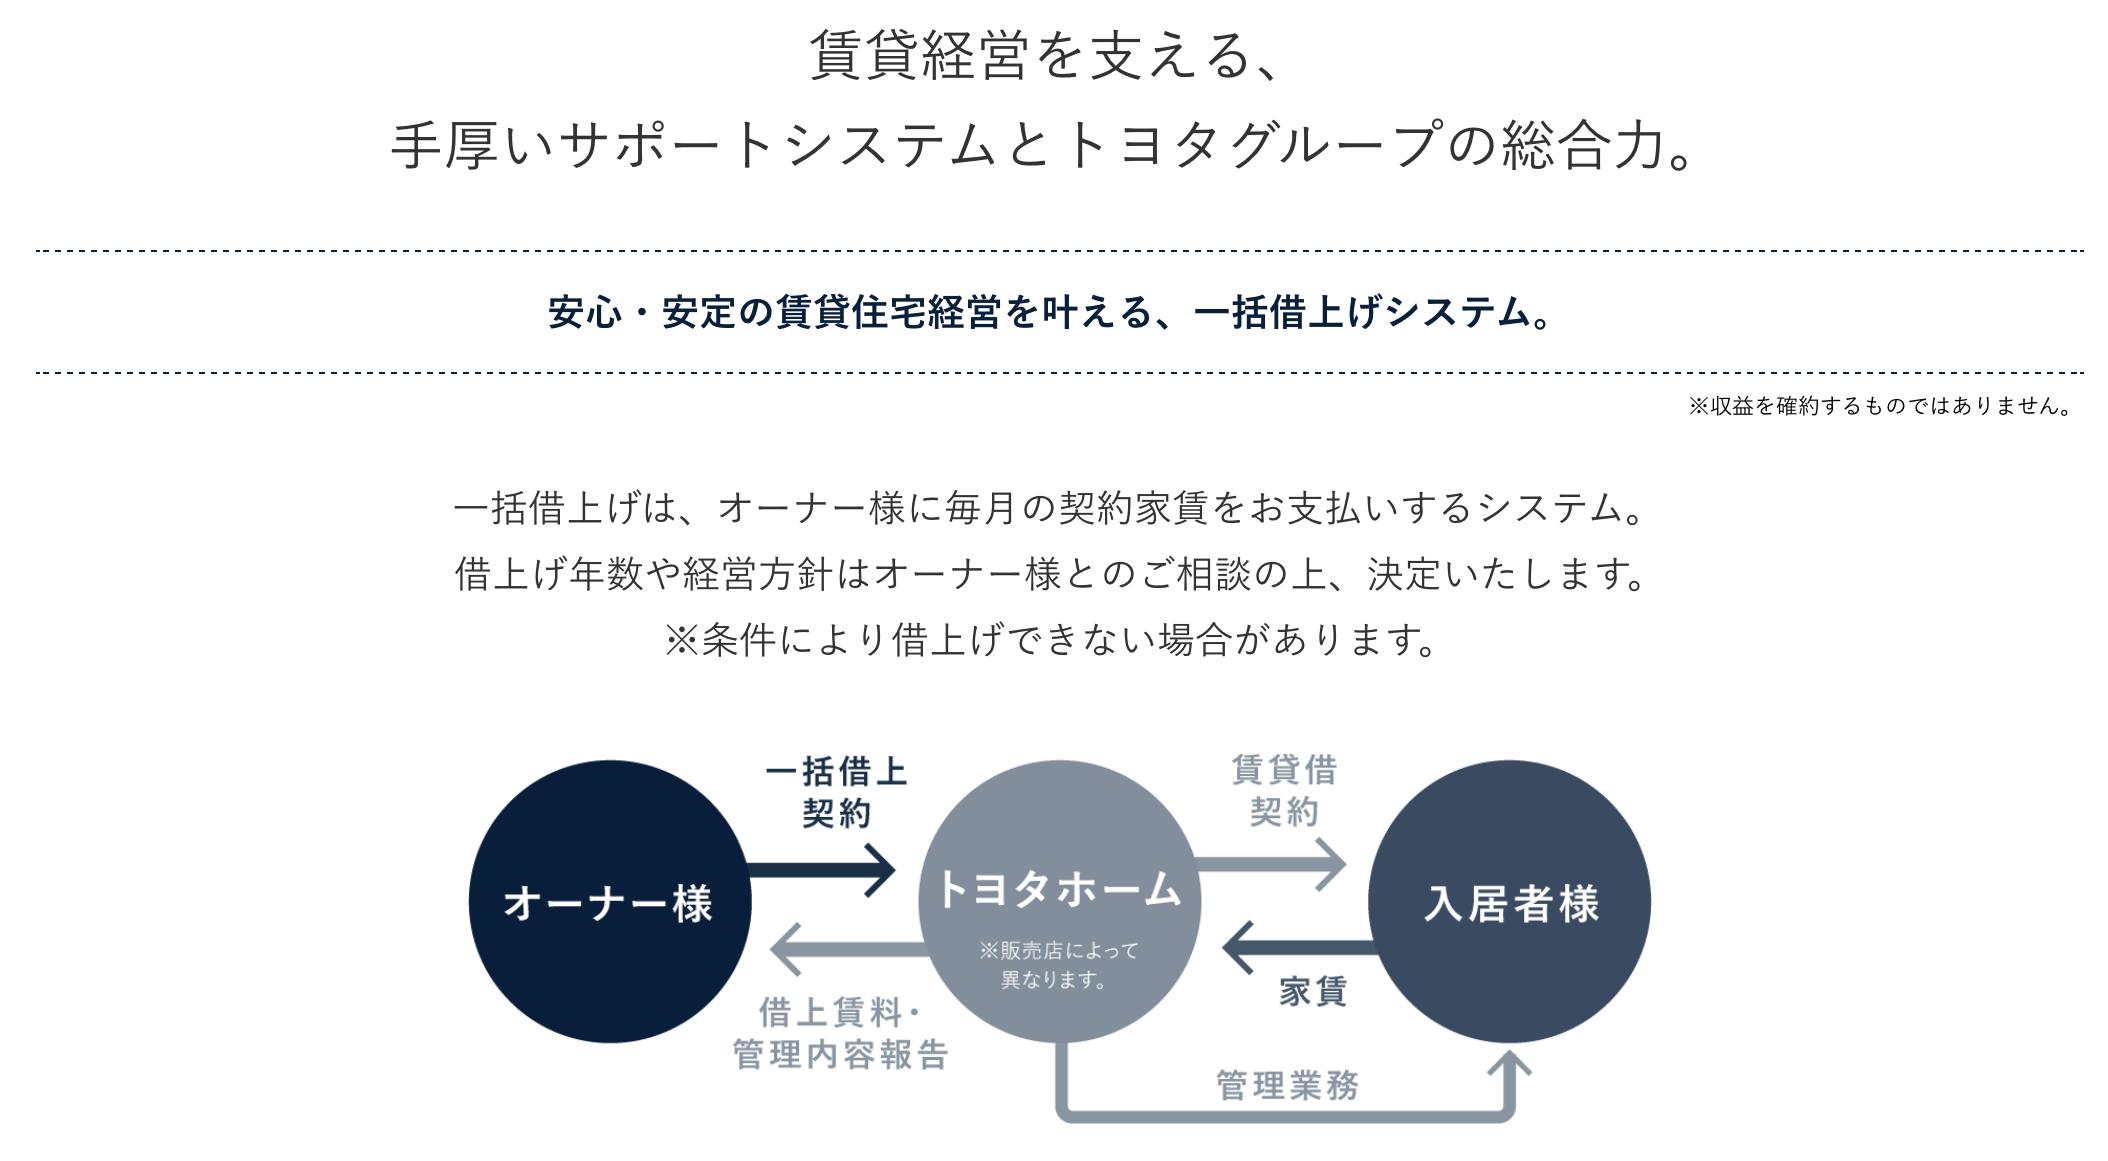 トヨタホームグループ各社による一括借上システム